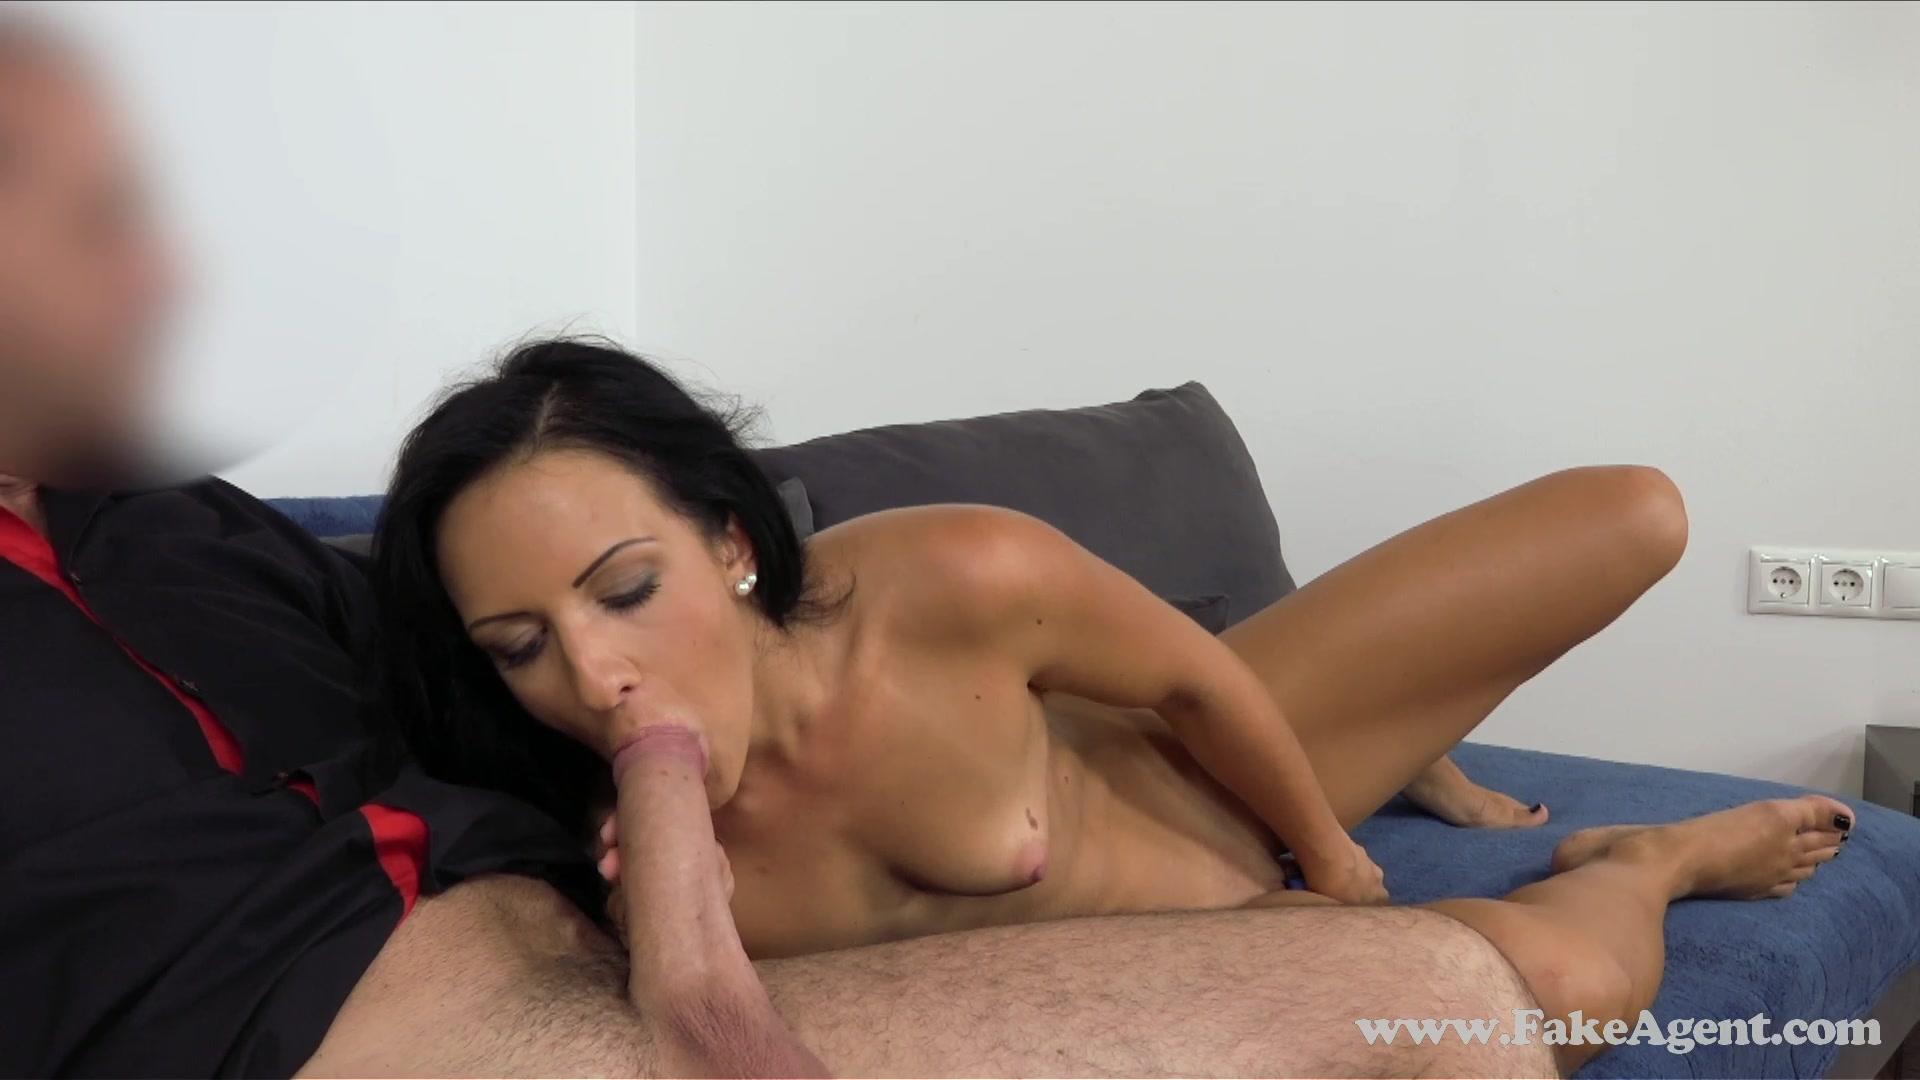 Секс кастиг онлайн 8 фотография